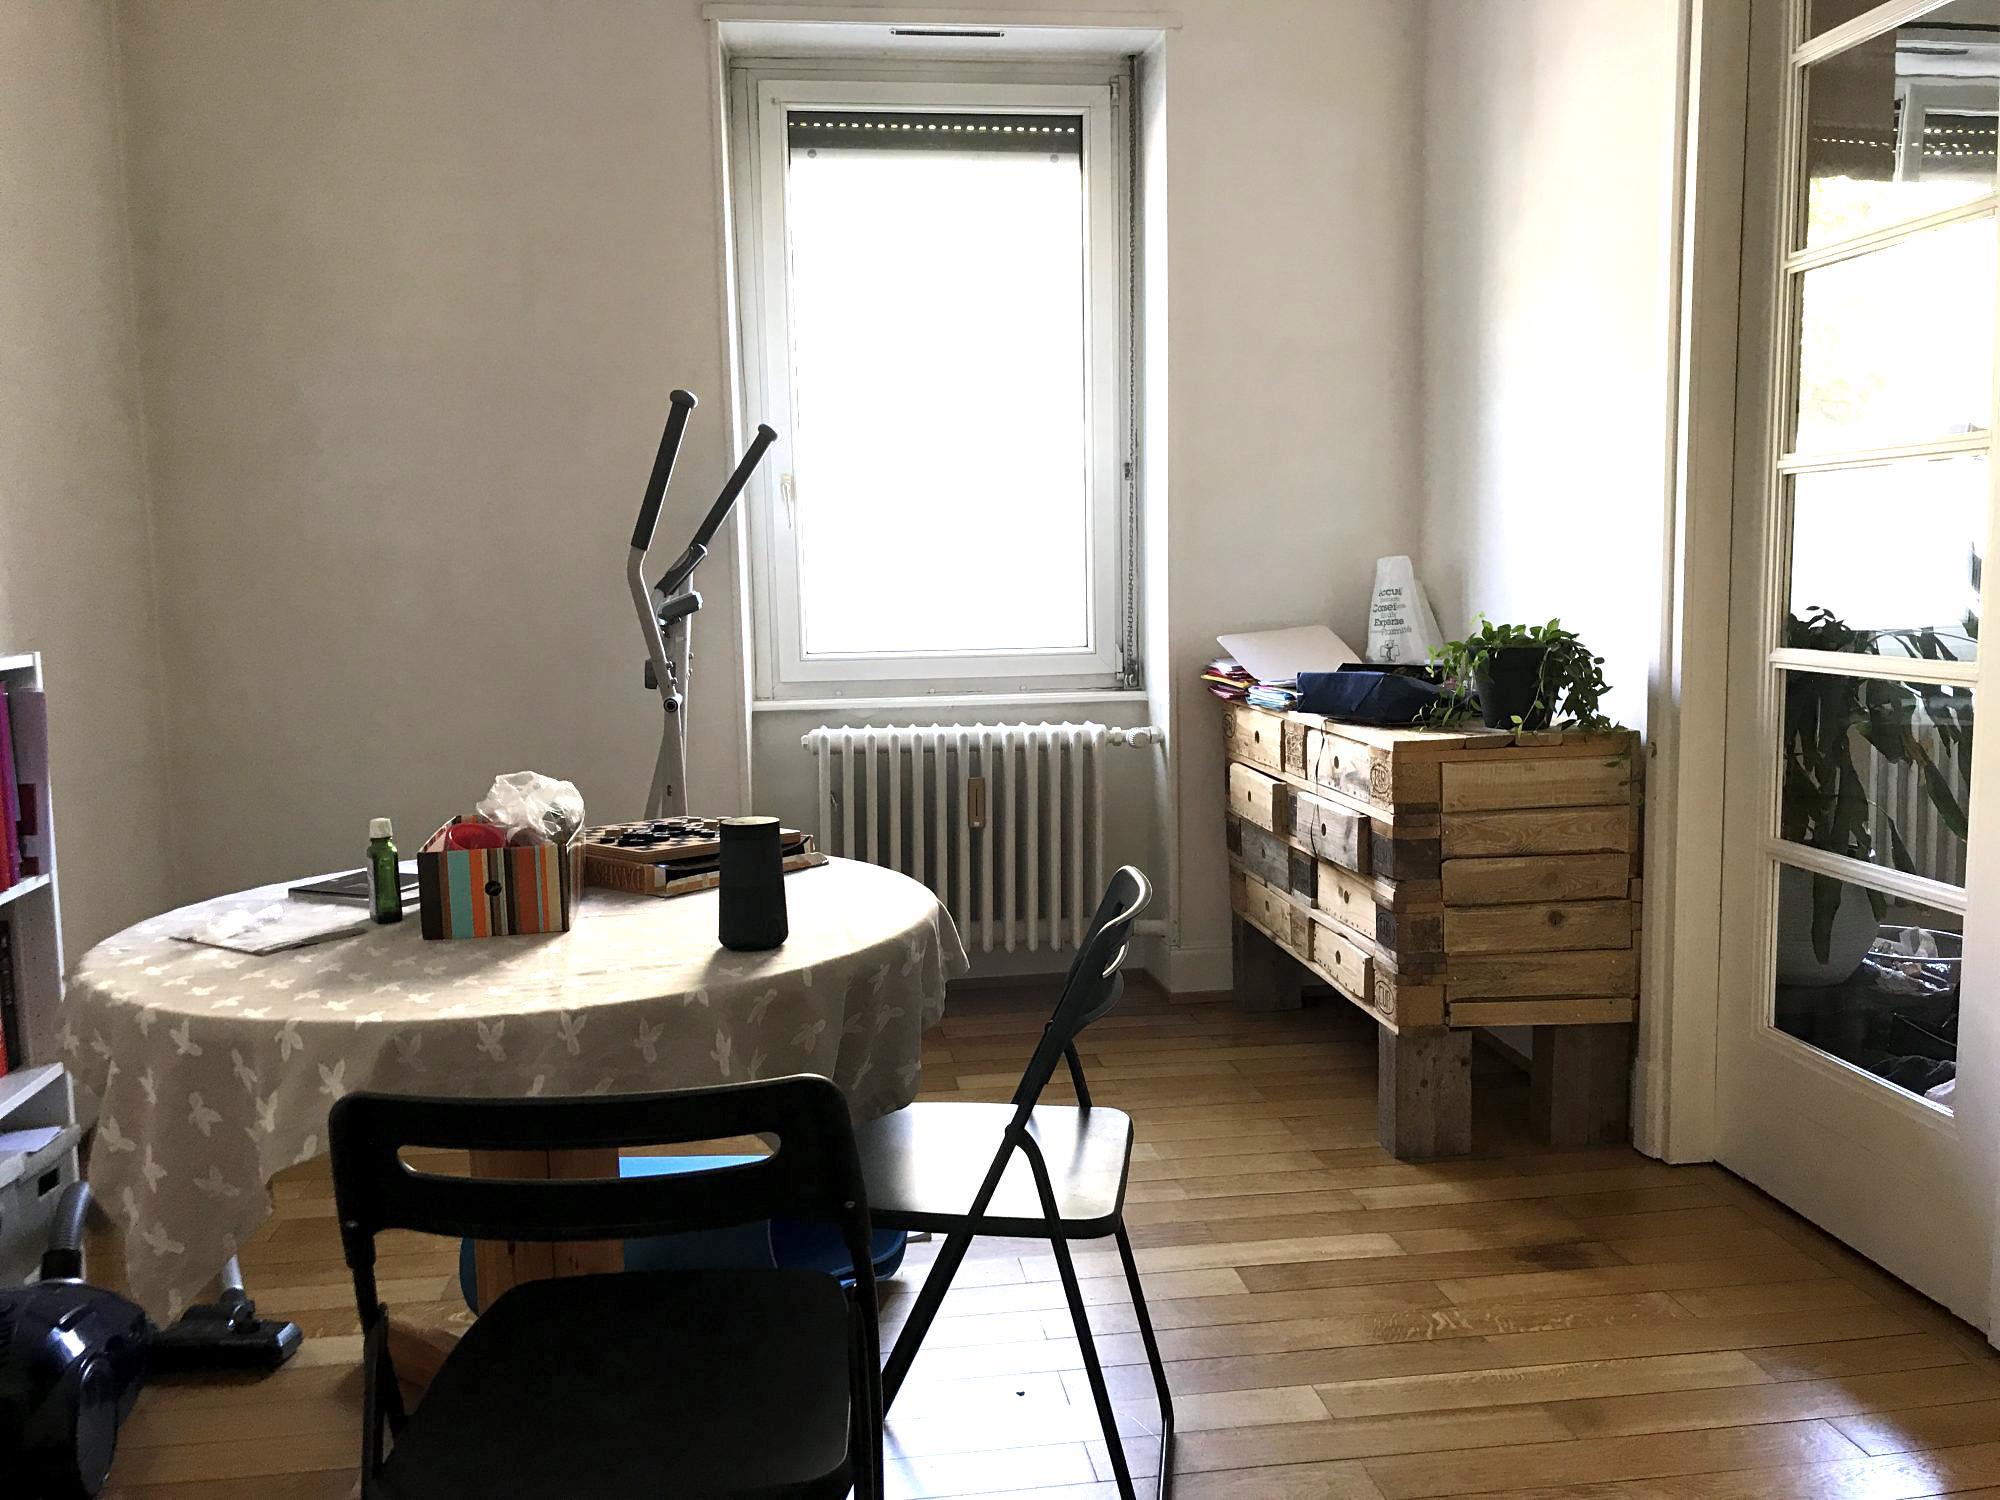 3 pièces proche de la Faculté de Médecine et de la Gare SNCF - Devenez locataire en toute sérénité - Bintz Immobilier - 2